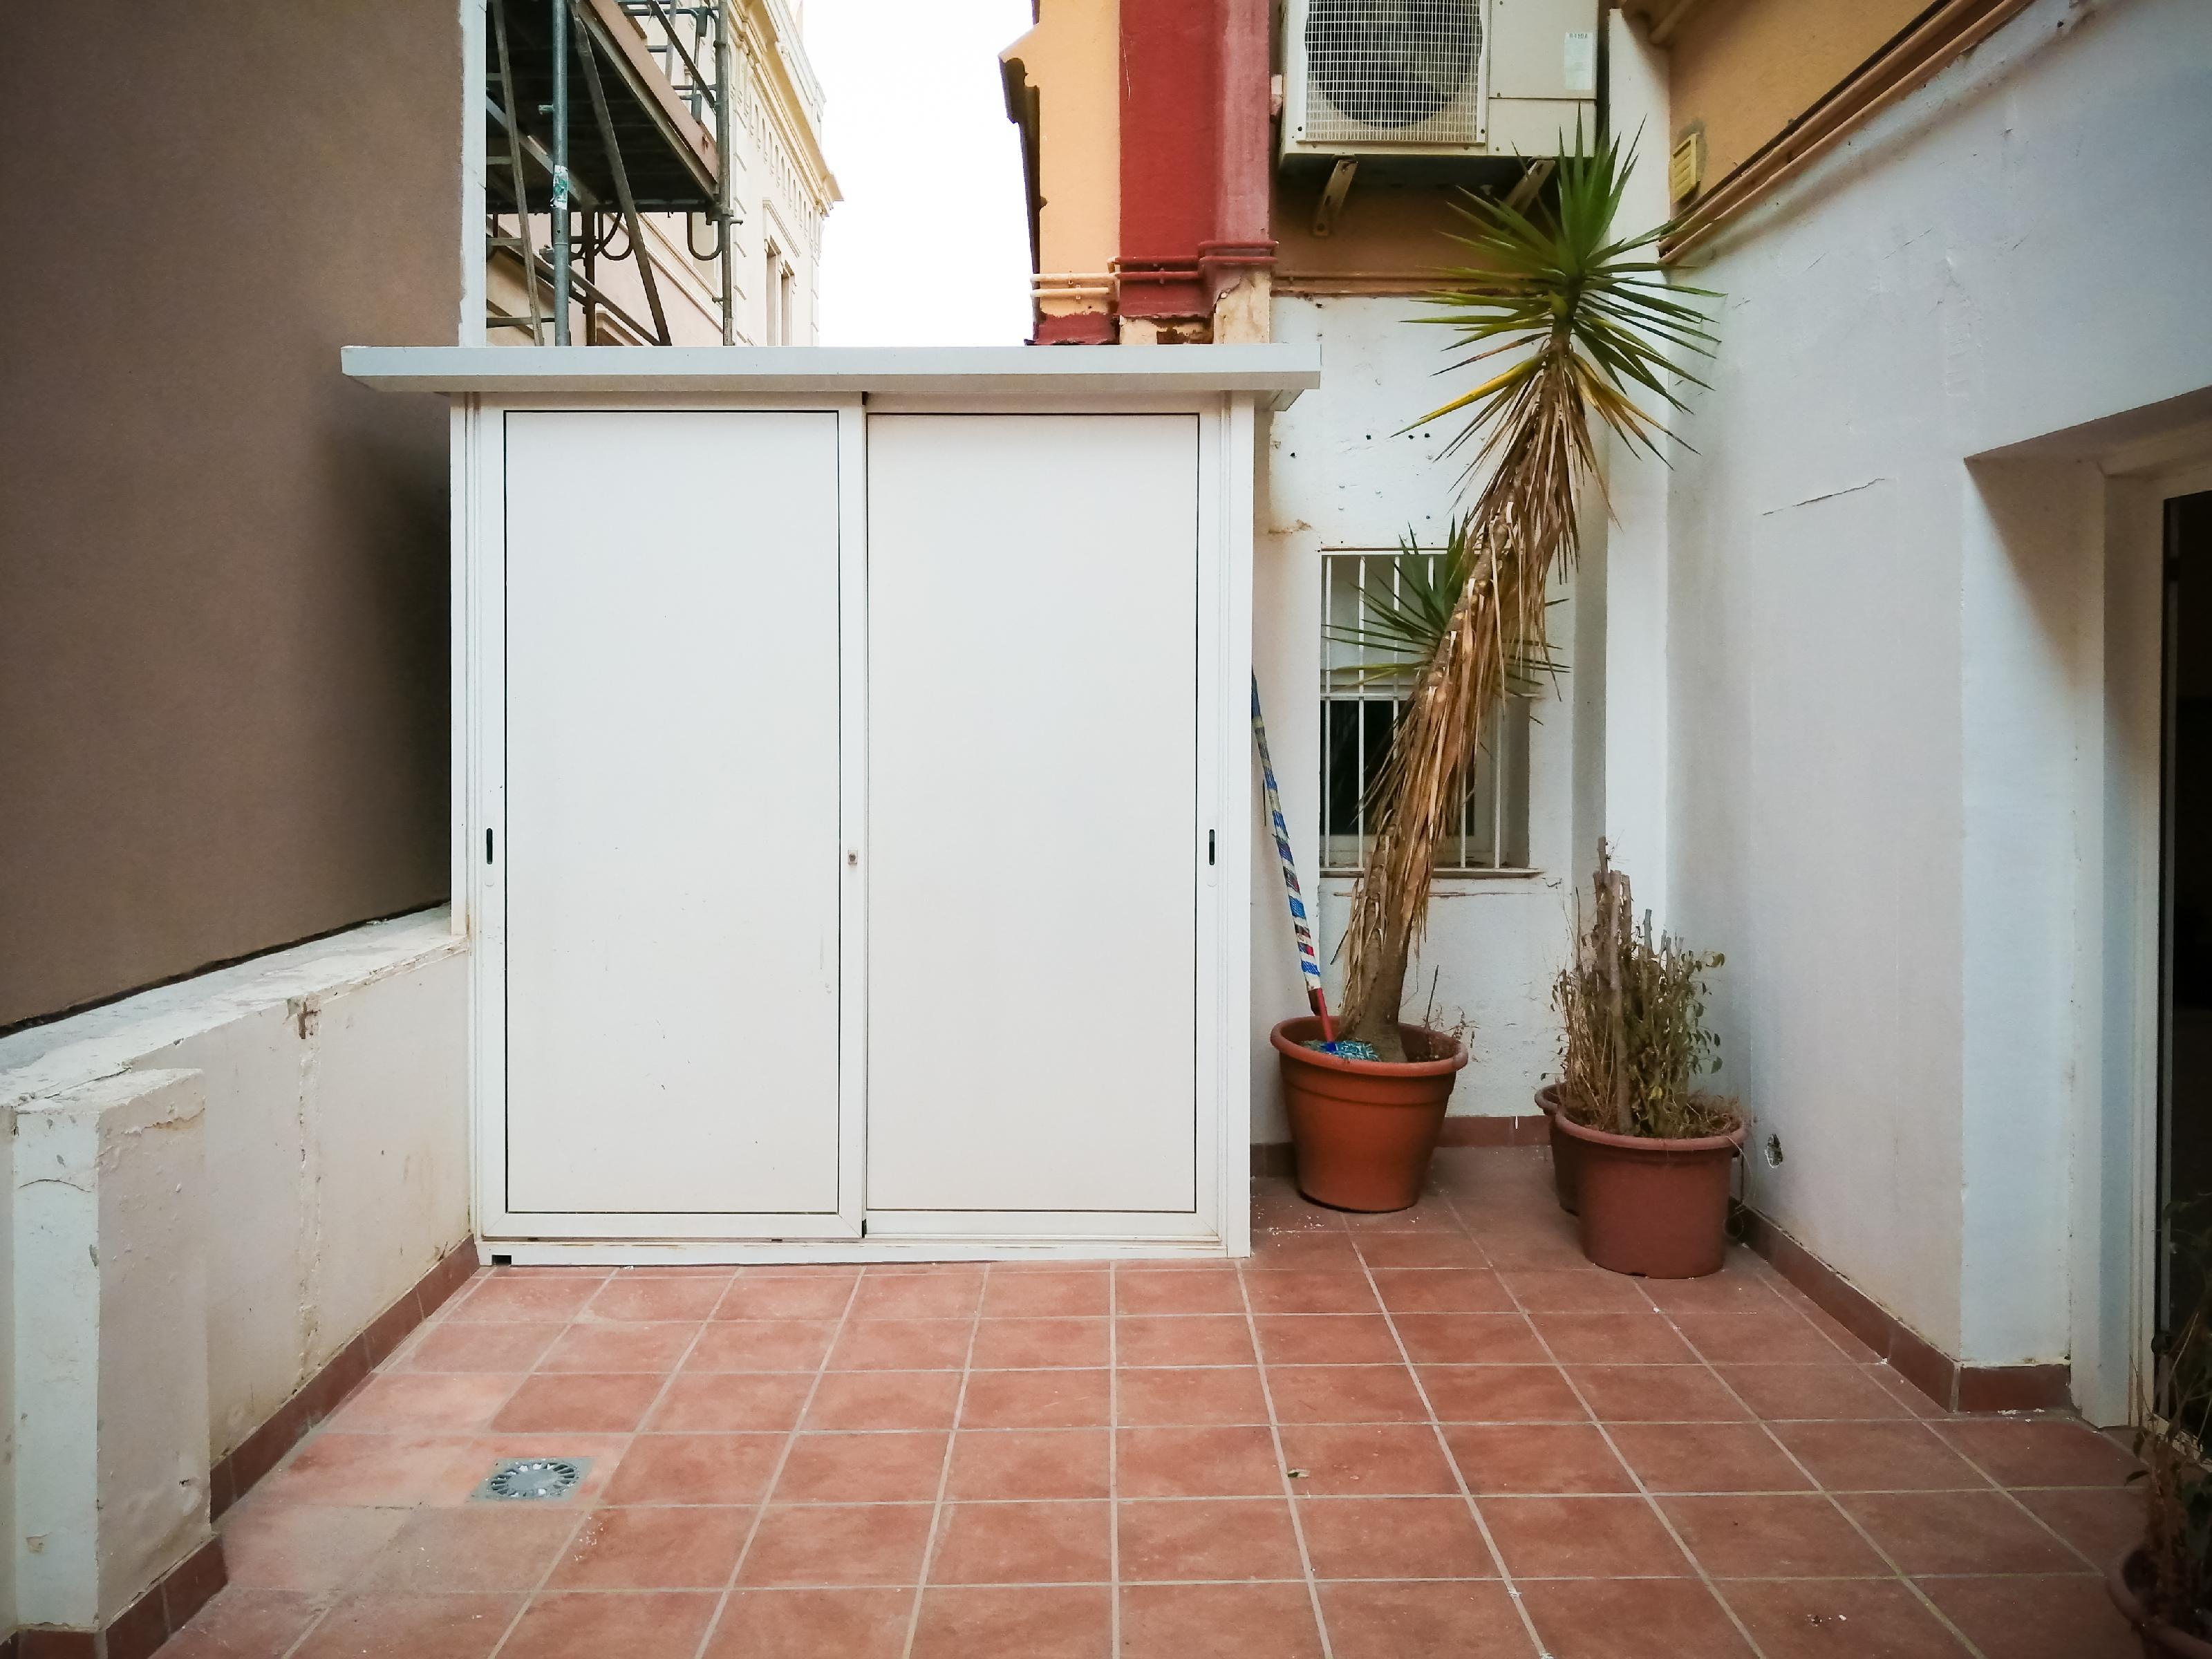 246065 Flat for sale in Sarrià-Sant Gervasi, Sarrià 17